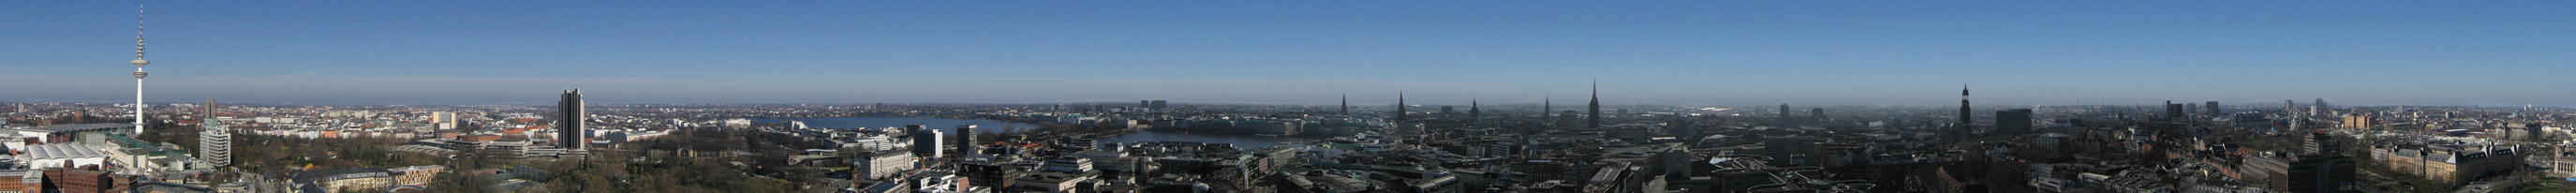 Hamburg 08.03.08